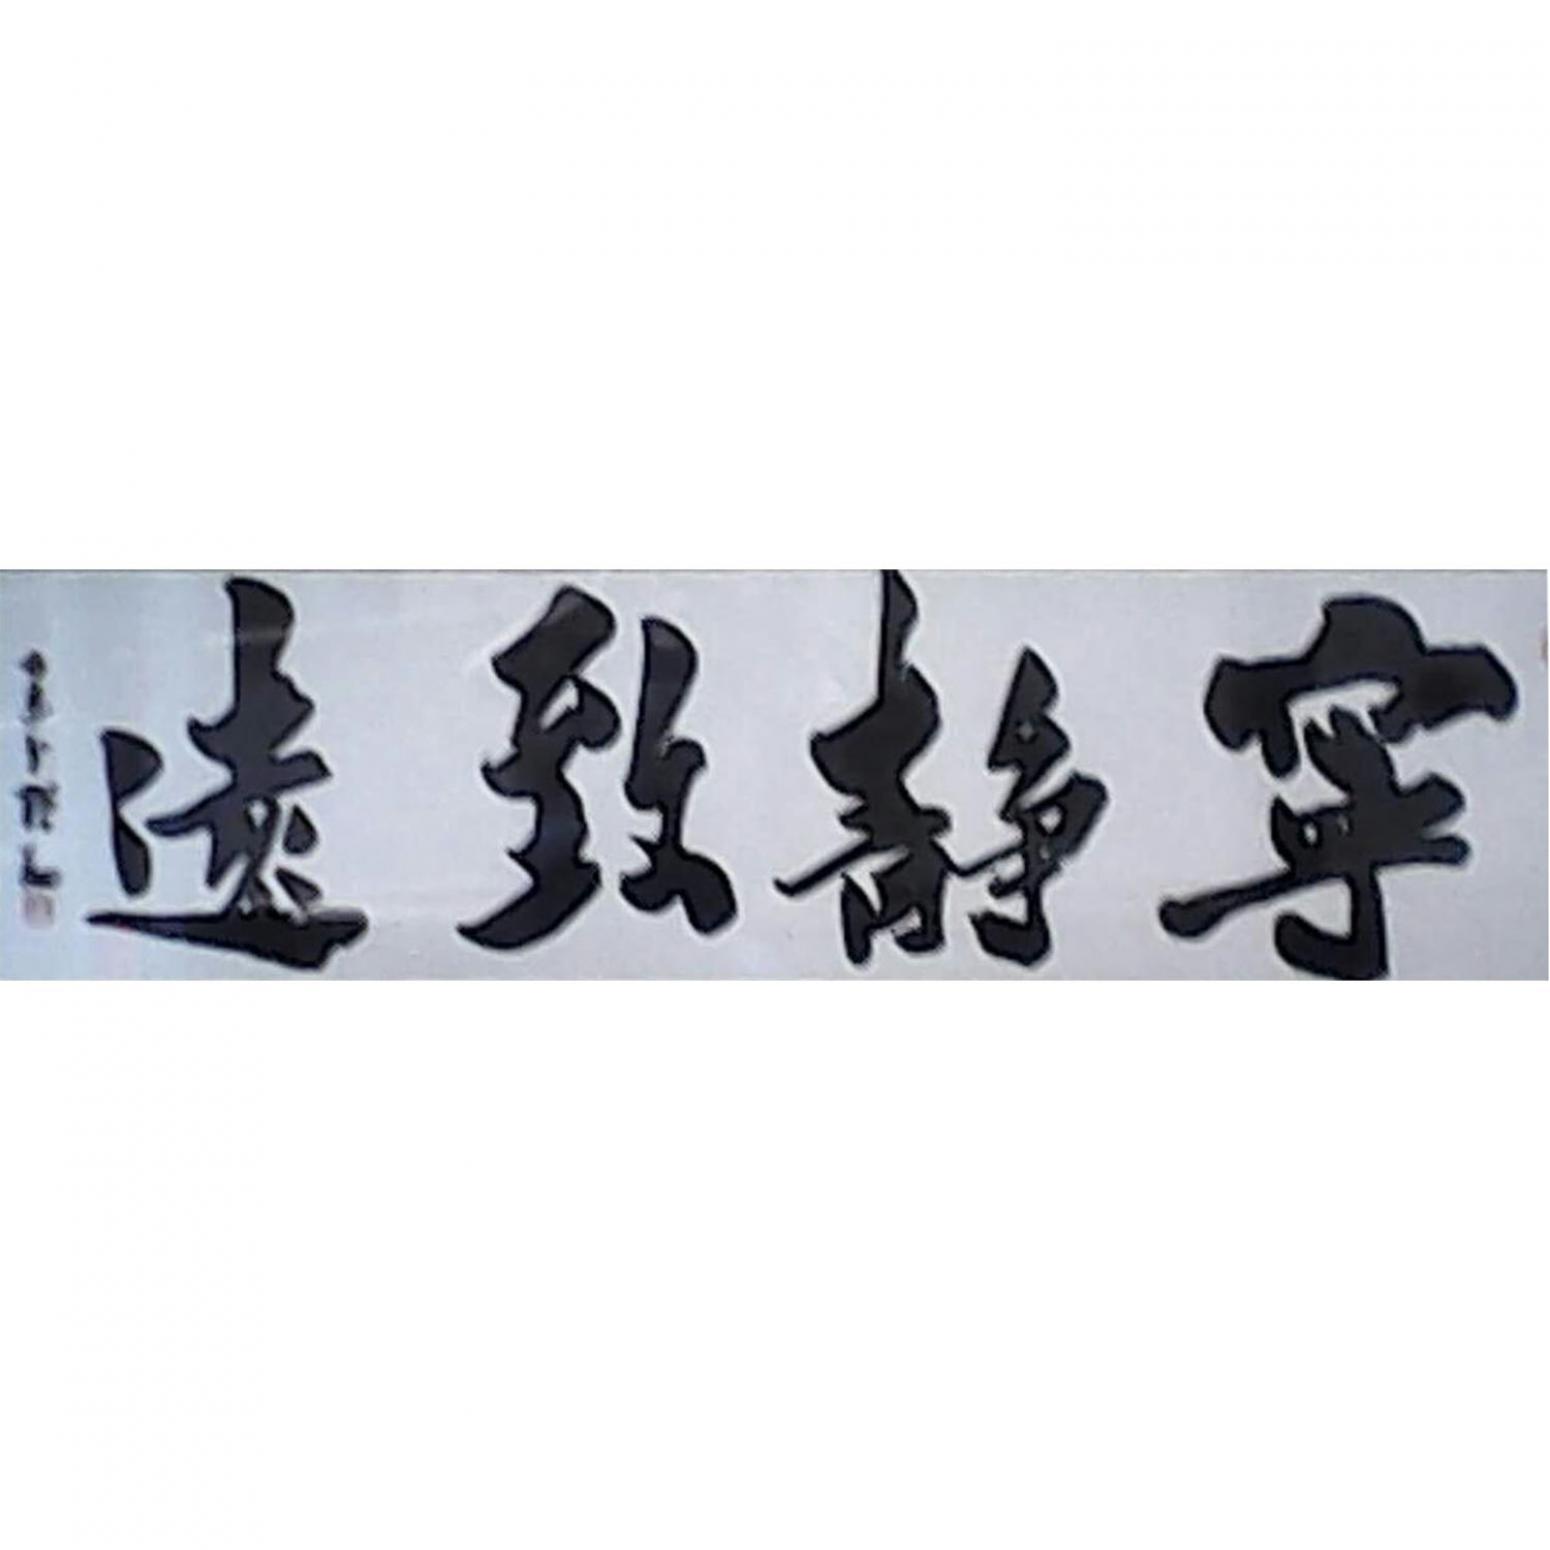 张翔书法作品《【宁静致远】作者张翔》